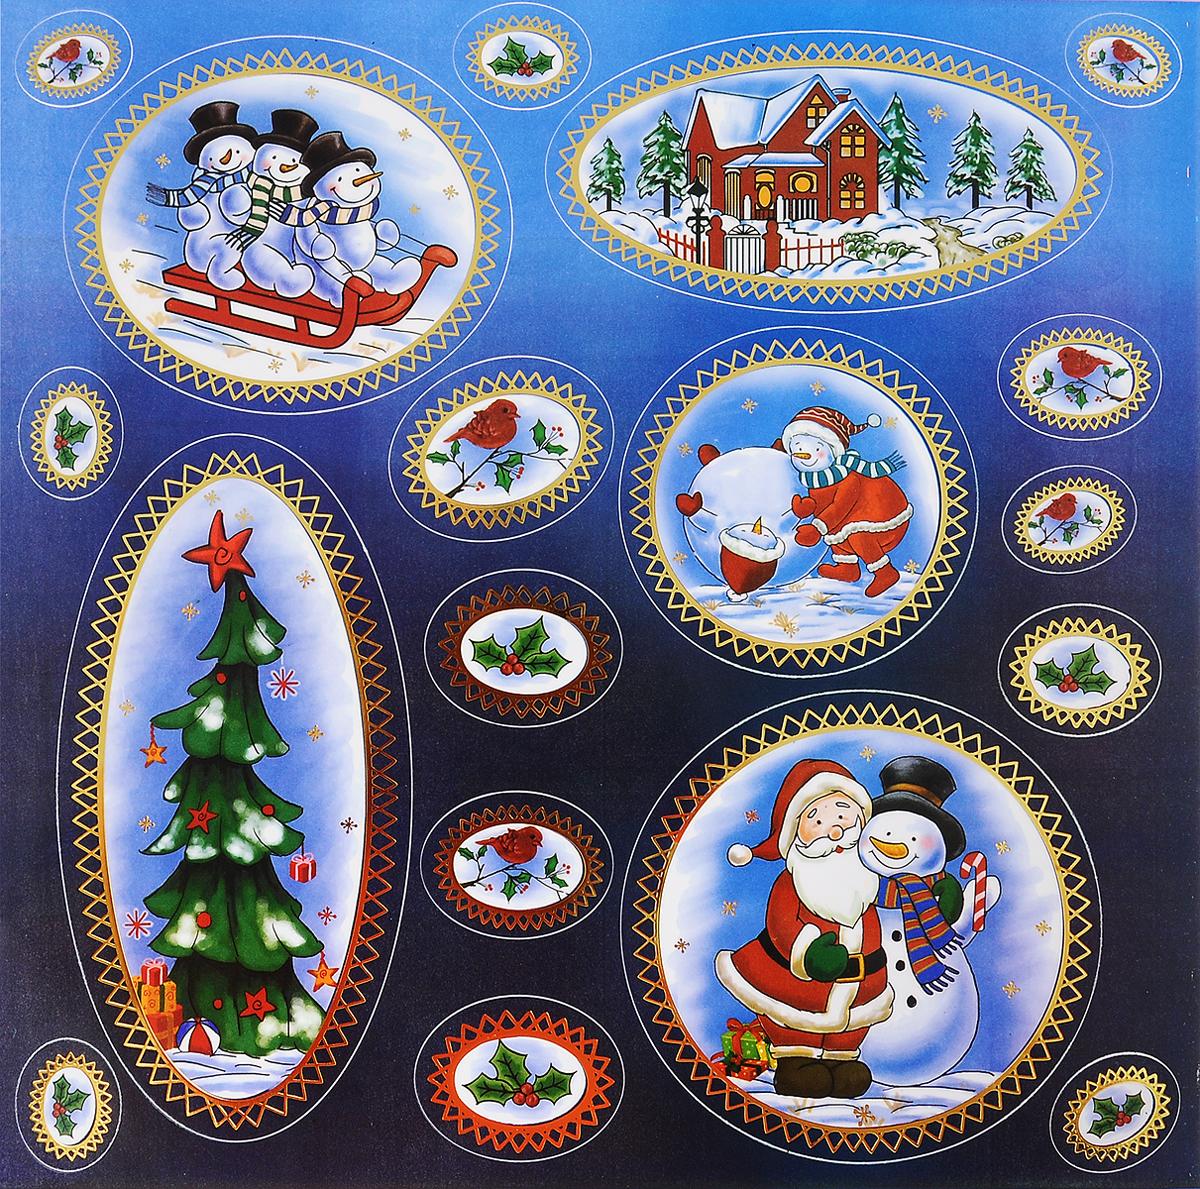 Украшение новогоднее оконное Winter Wings Новогодние мотивы, 18 шт новогоднее оконное украшение room decoration подарки от деда мороза 18 см х 18 см 3 листа